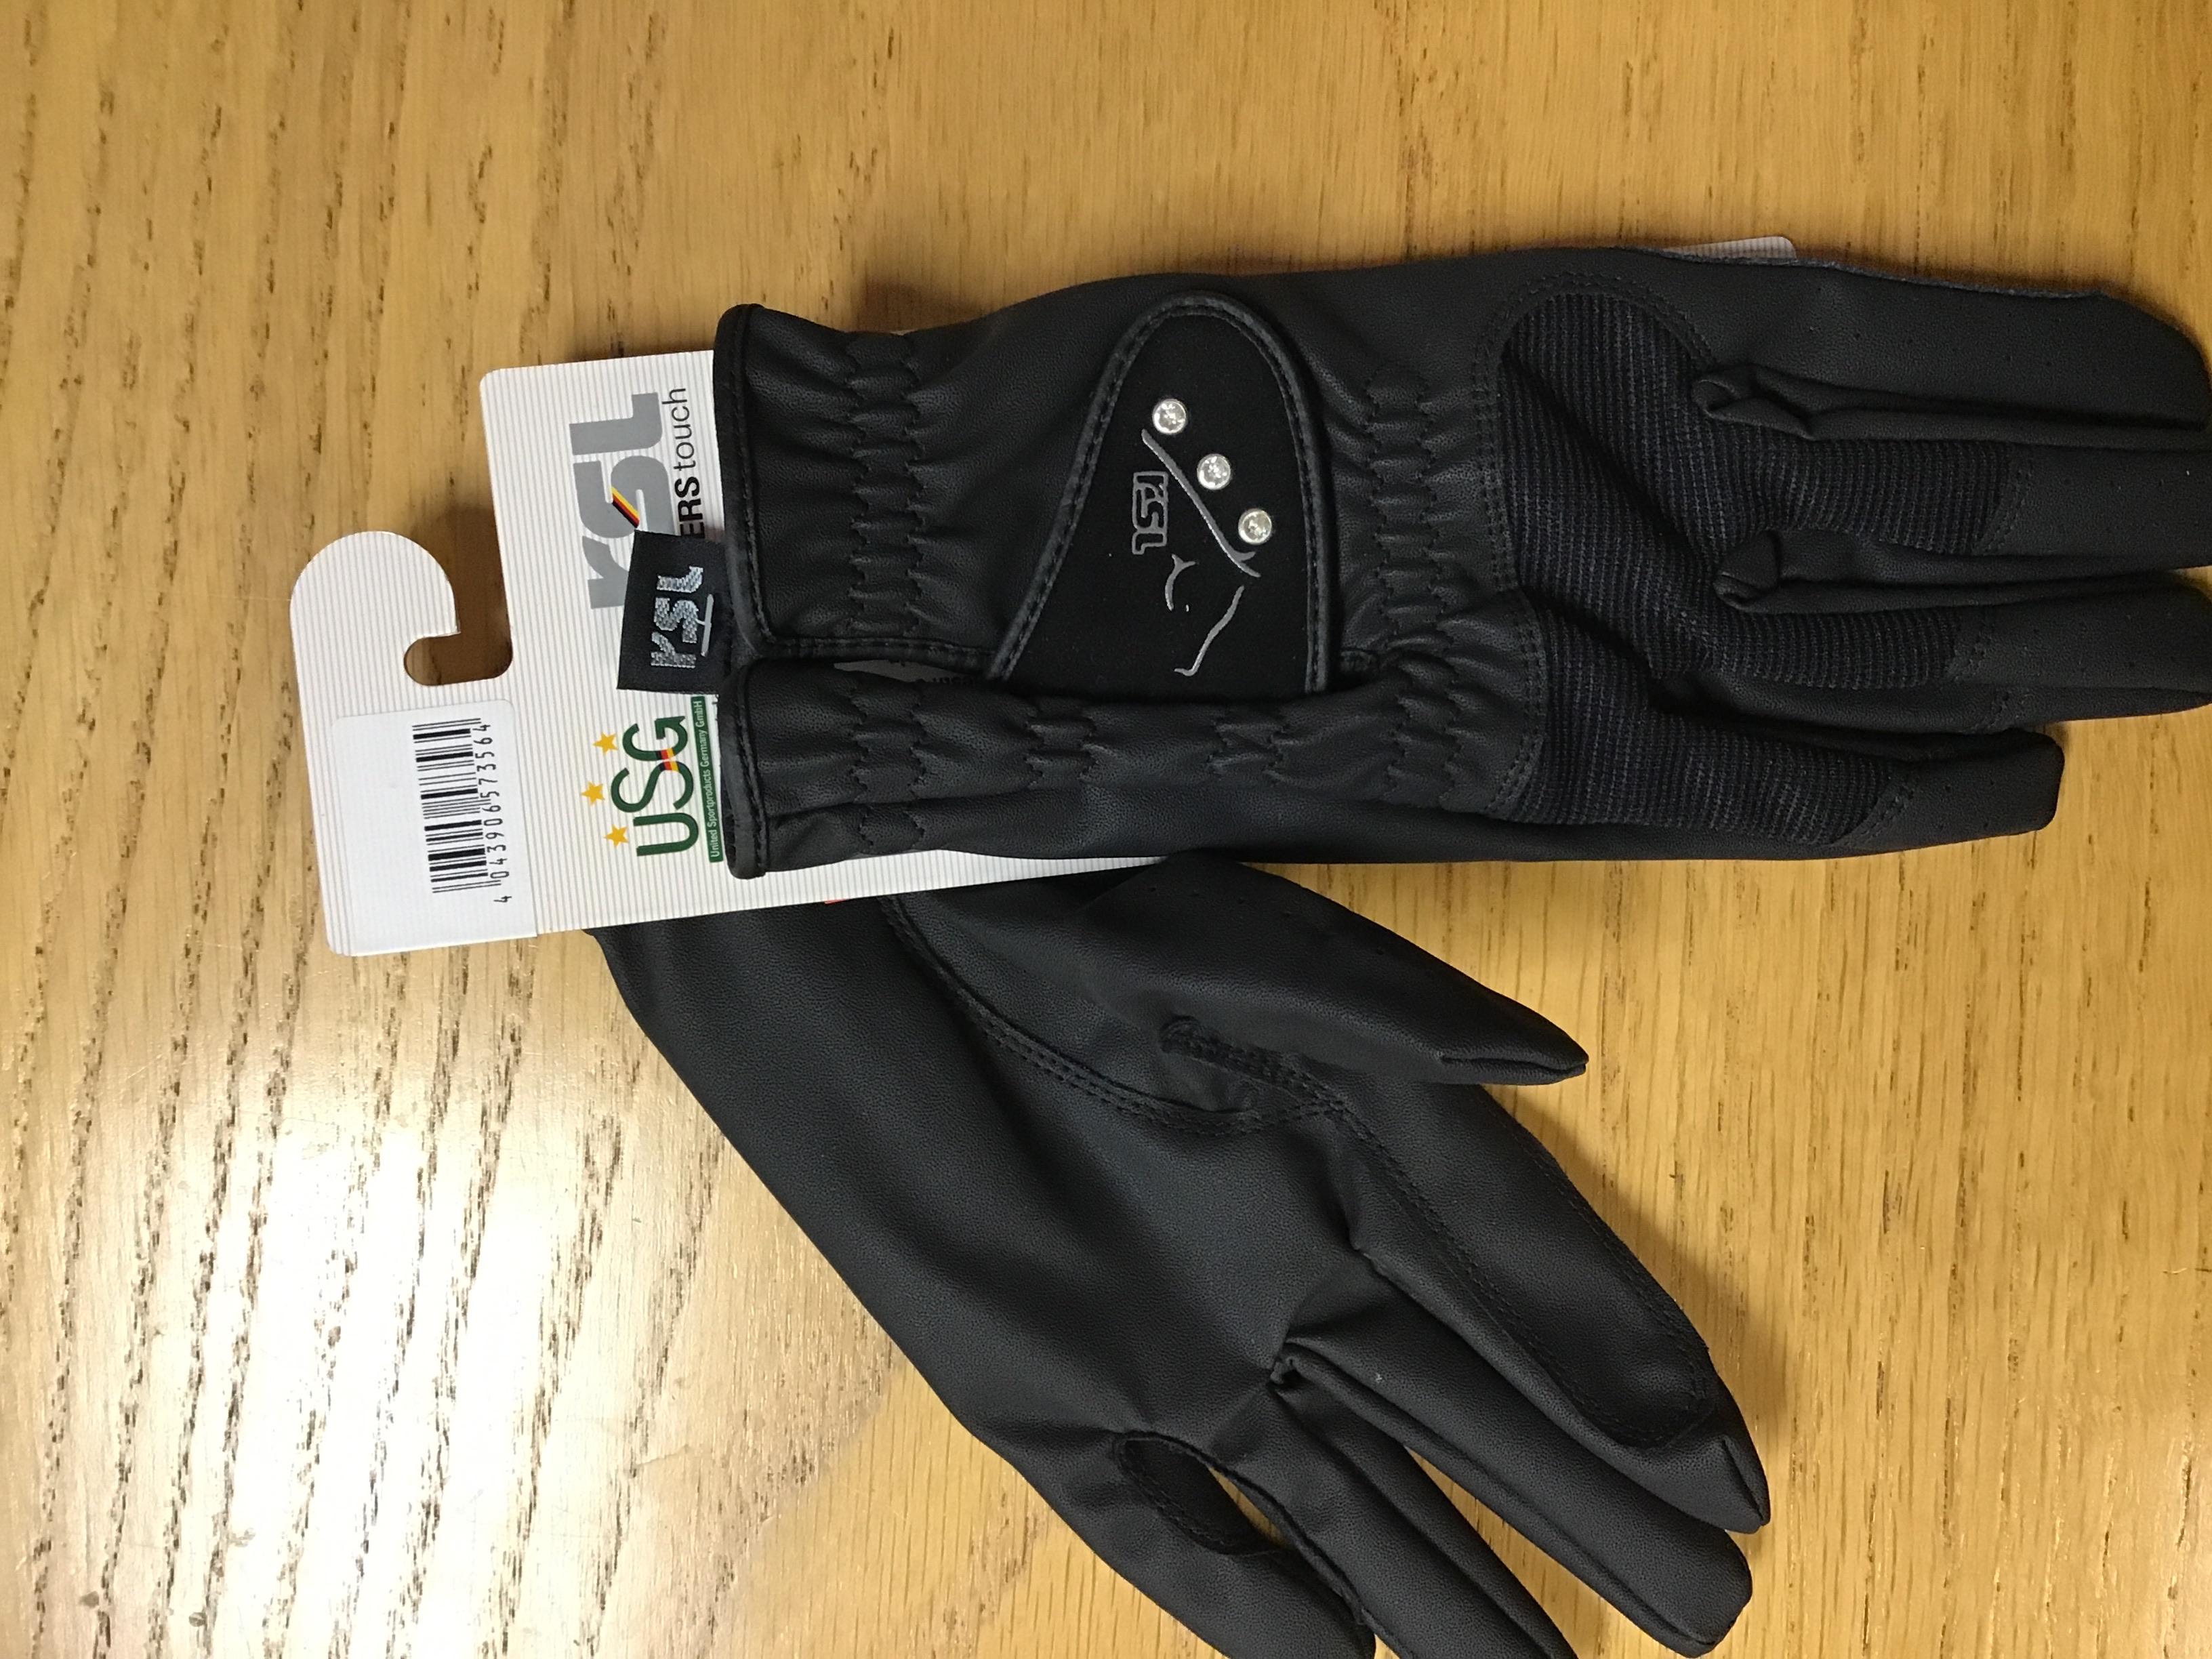 RSL Reno Competition Glove